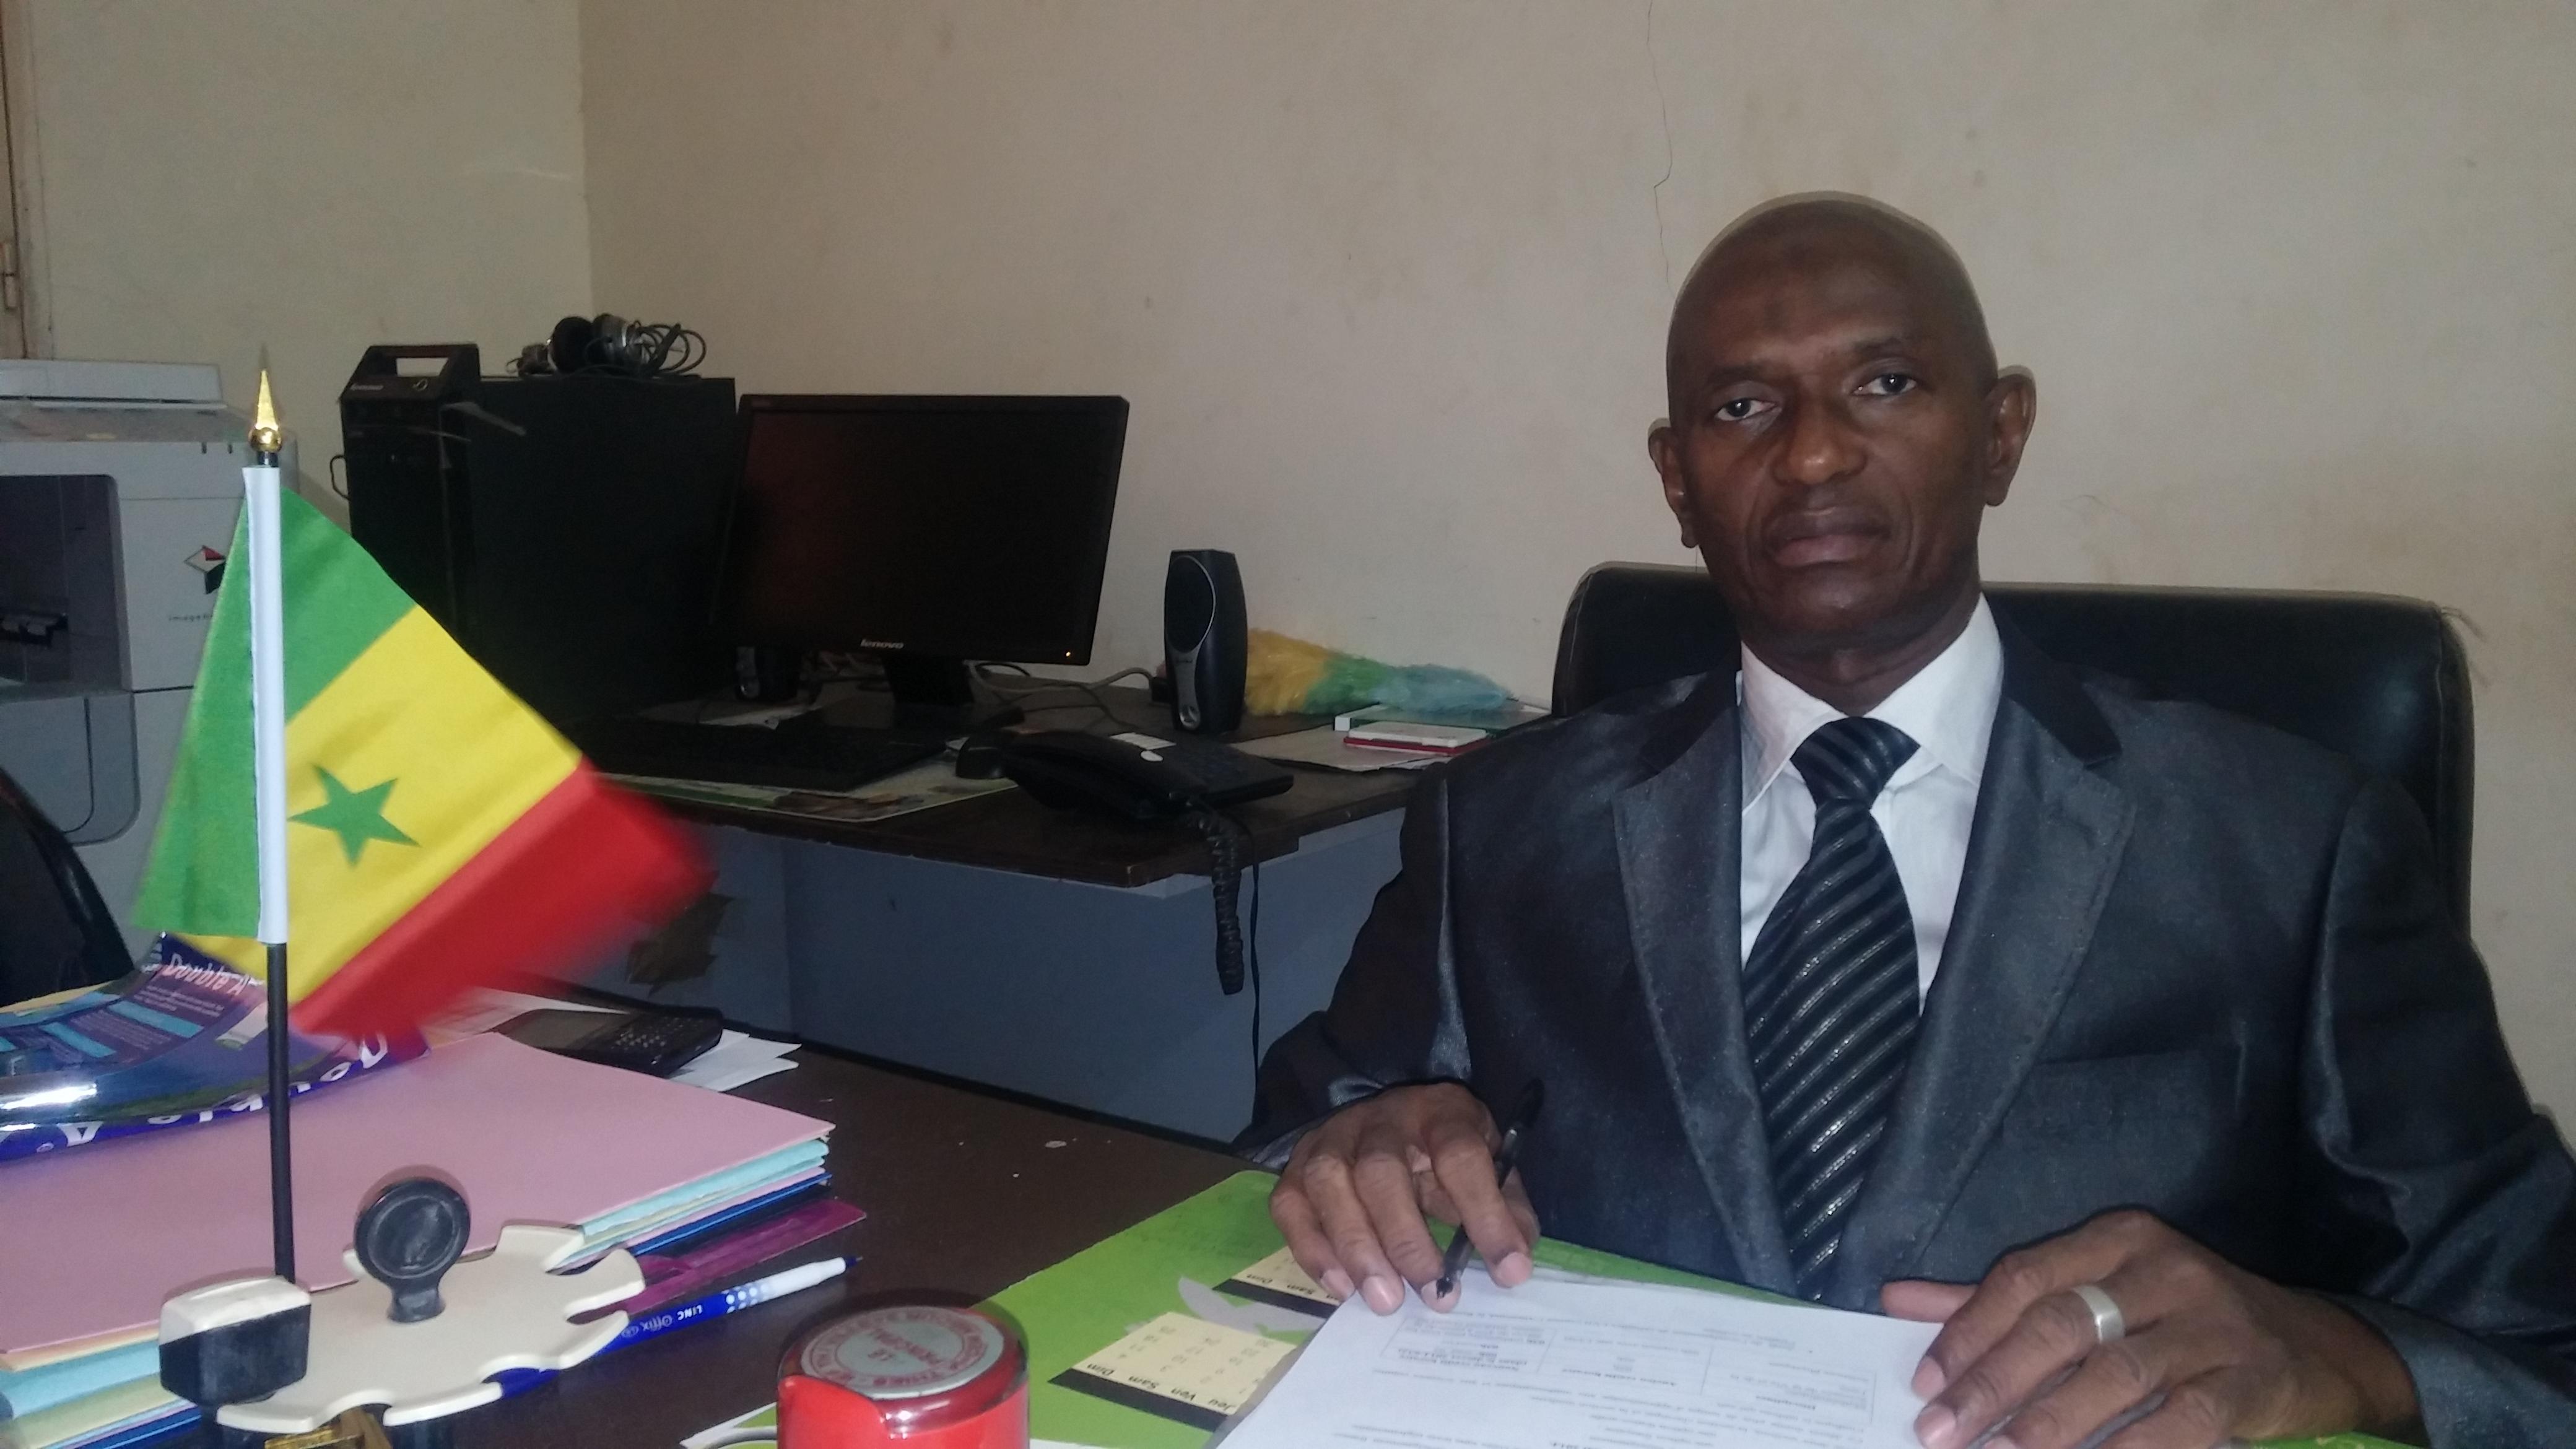 Portrait : Monsieur Gueye principal du CEM Mbour 2 de Thiès, un exemple pour le système éducatif